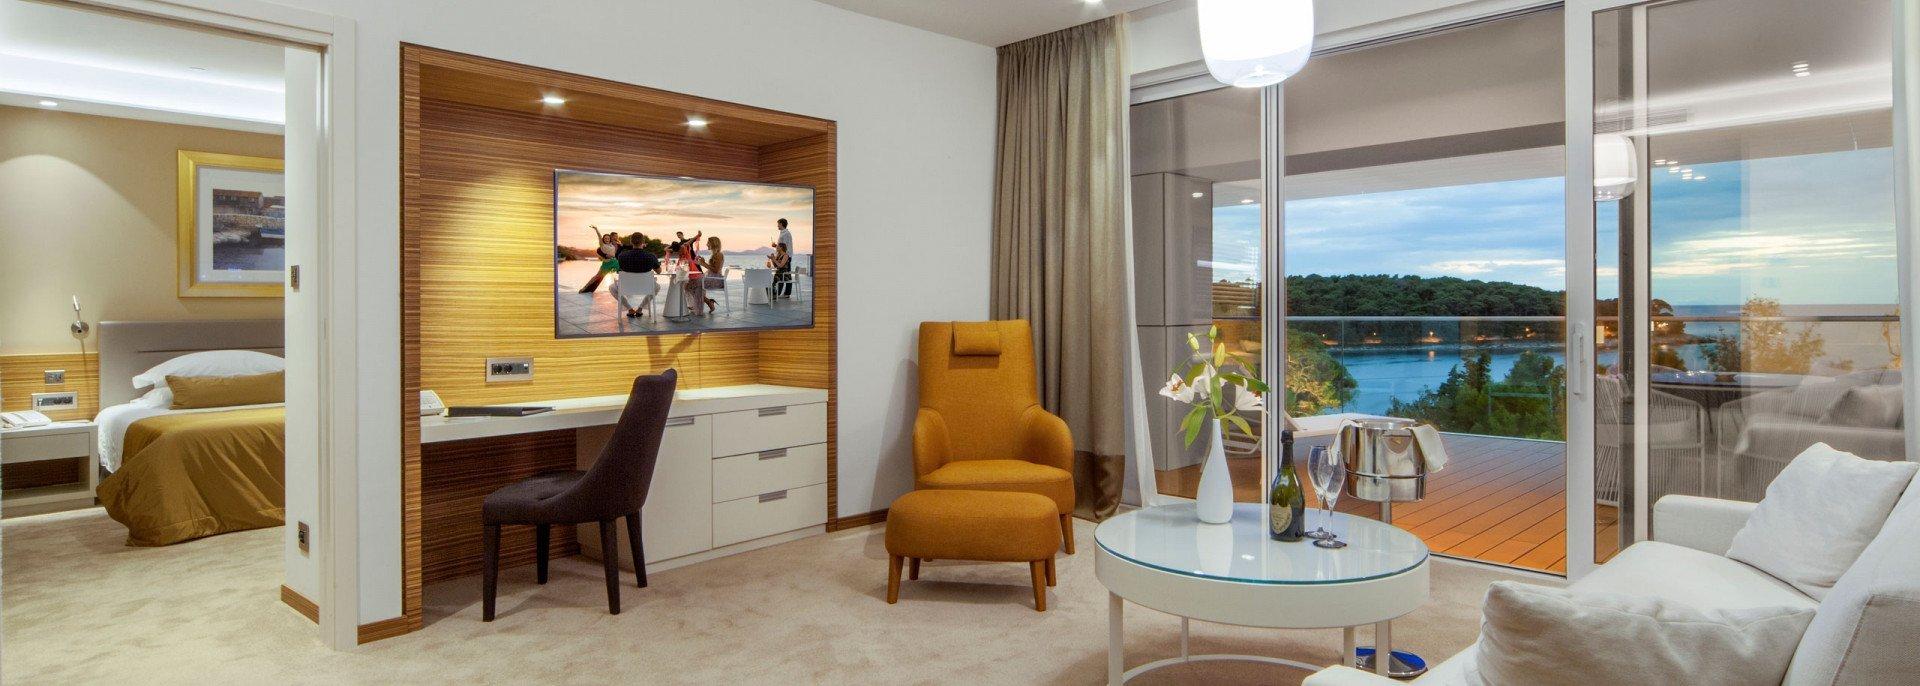 https://www.losinj-hotels.com/assets/Bellevue/Rooms-Suites/_resampled/CroppedFocusedImageWyIxOTIwIiwiNjg2IiwieSIsMjU3XQ/executive-suite.jpg